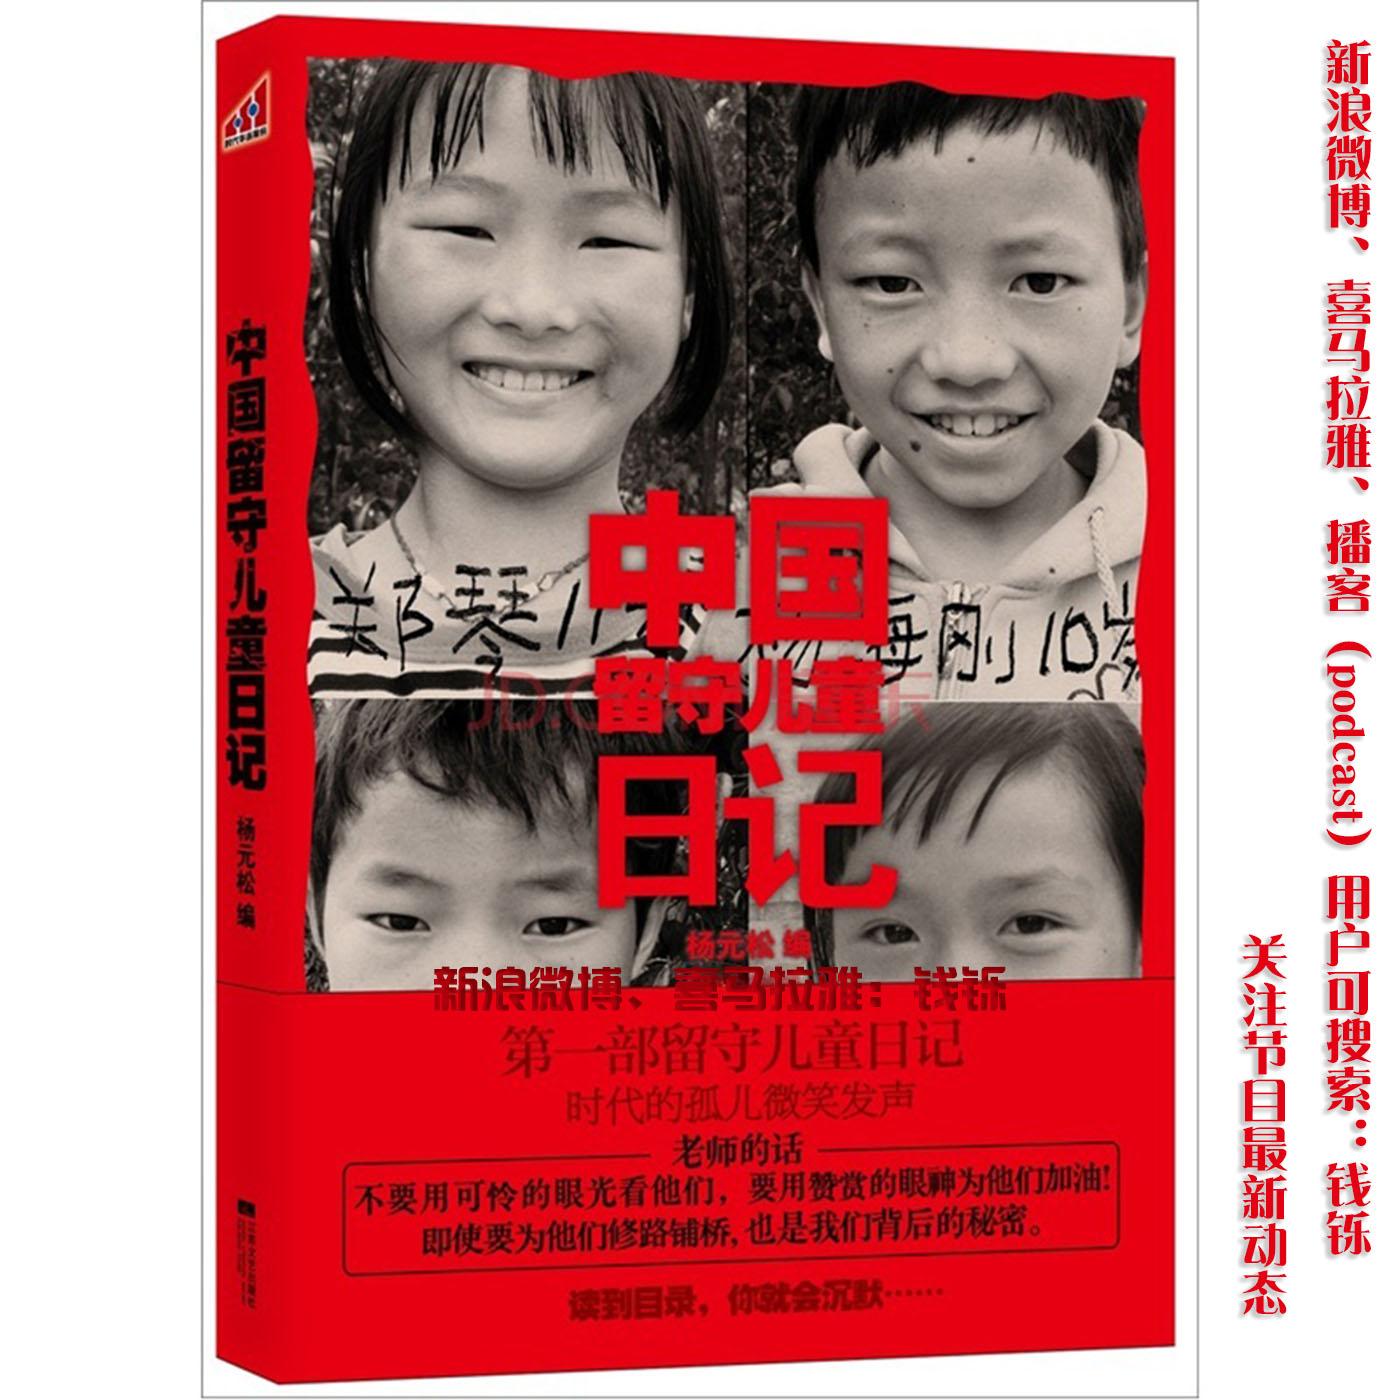 《中国留守儿童日记》